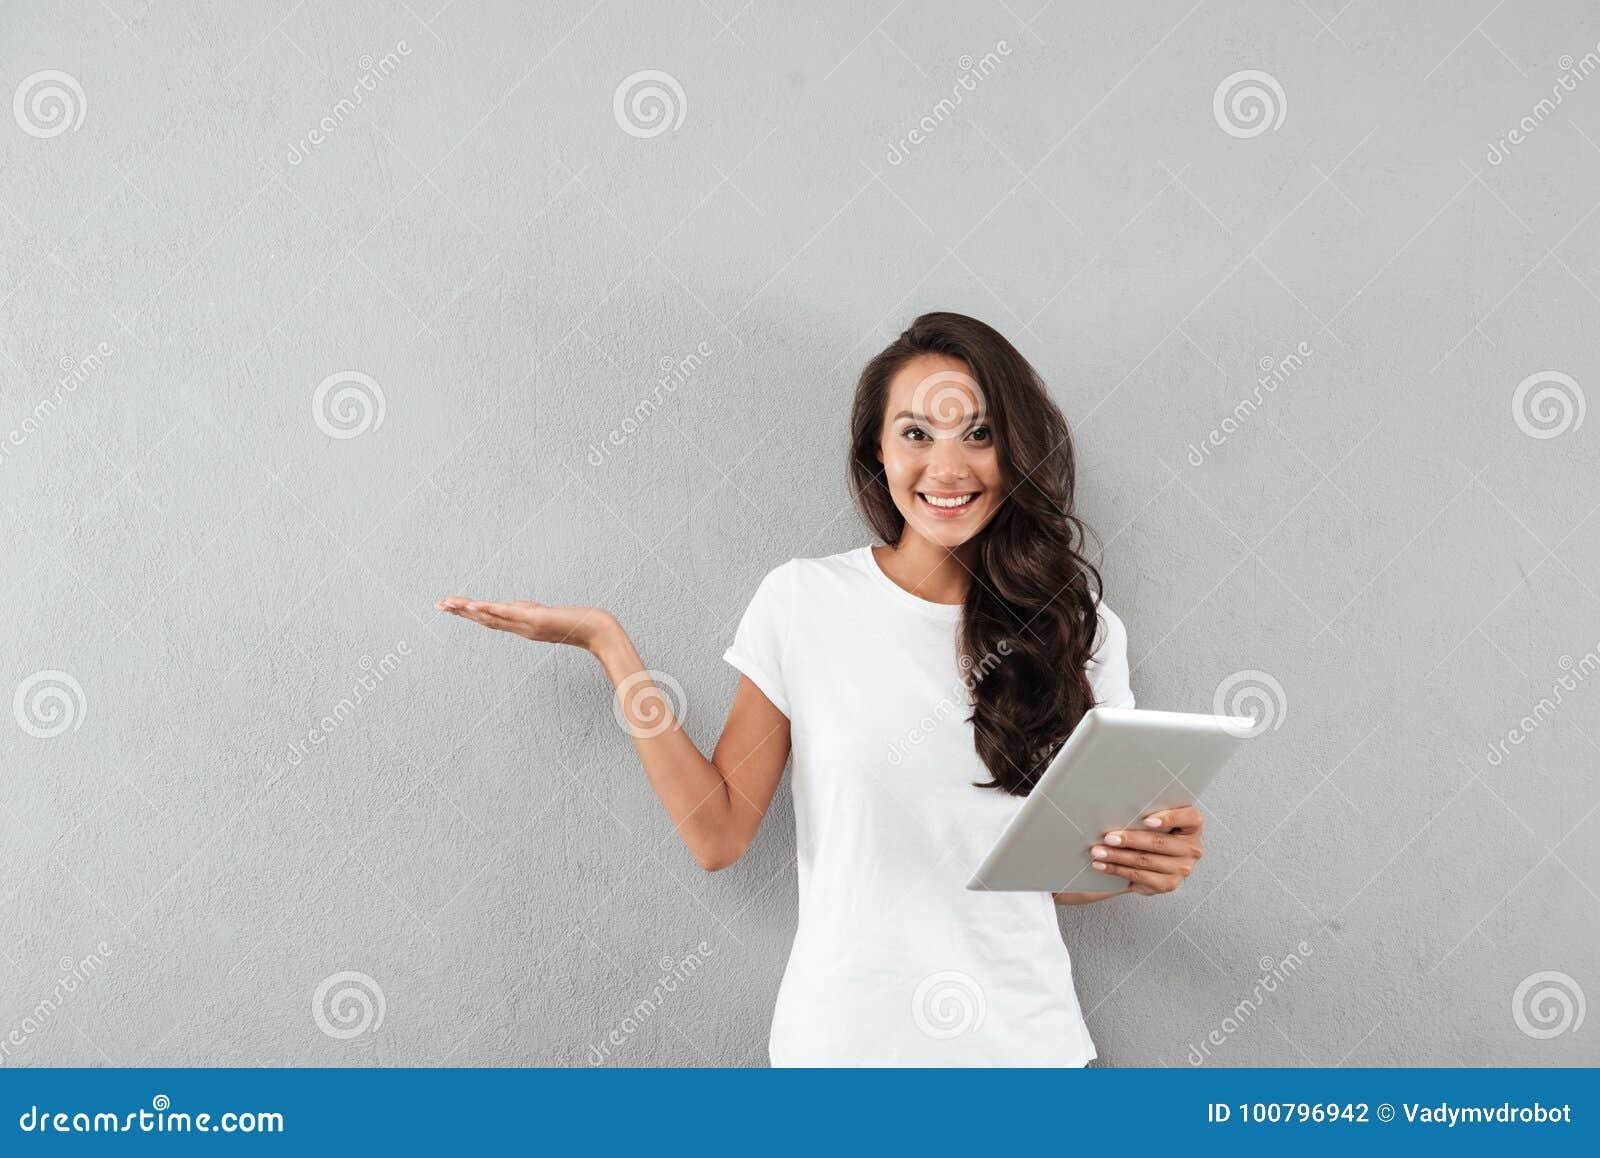 Sourire femme assez asiatique tenant la tablette